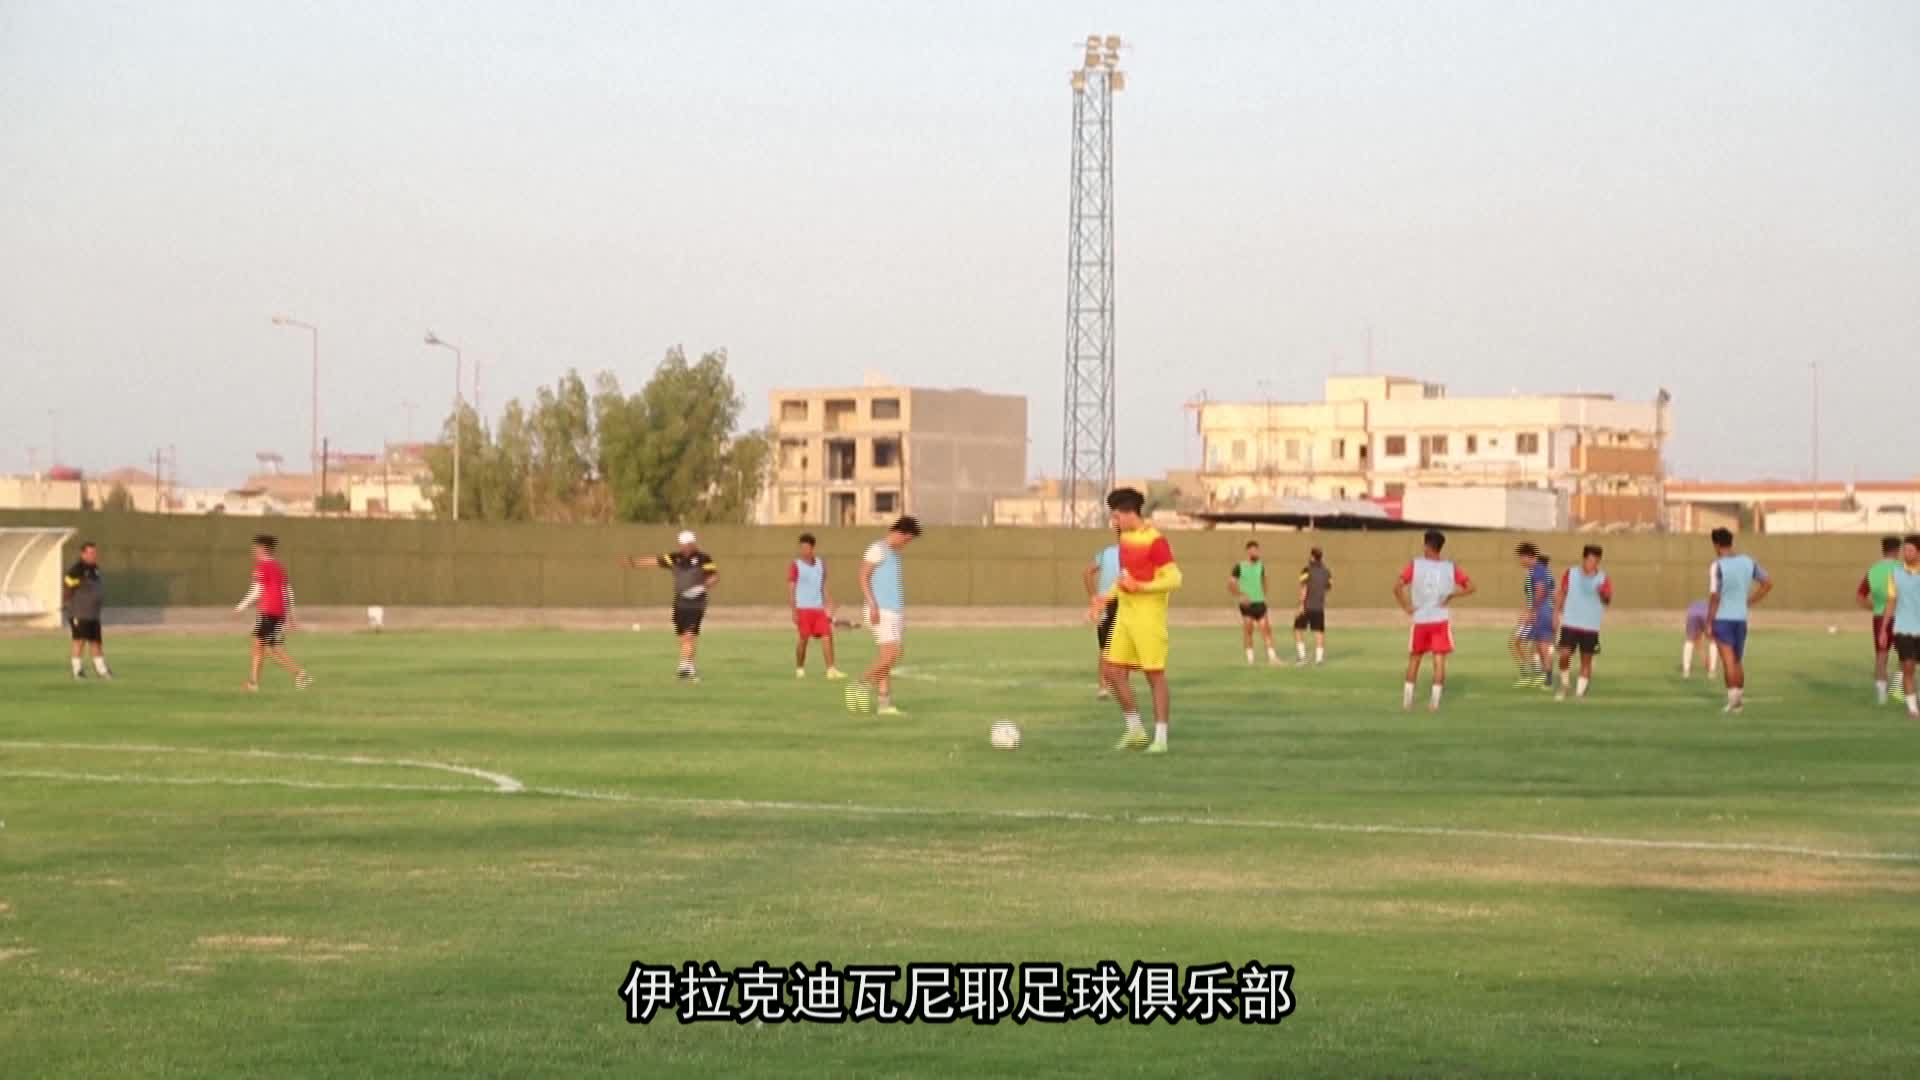 伊拉克迪瓦尼耶足球俱乐部首次引入私人投资